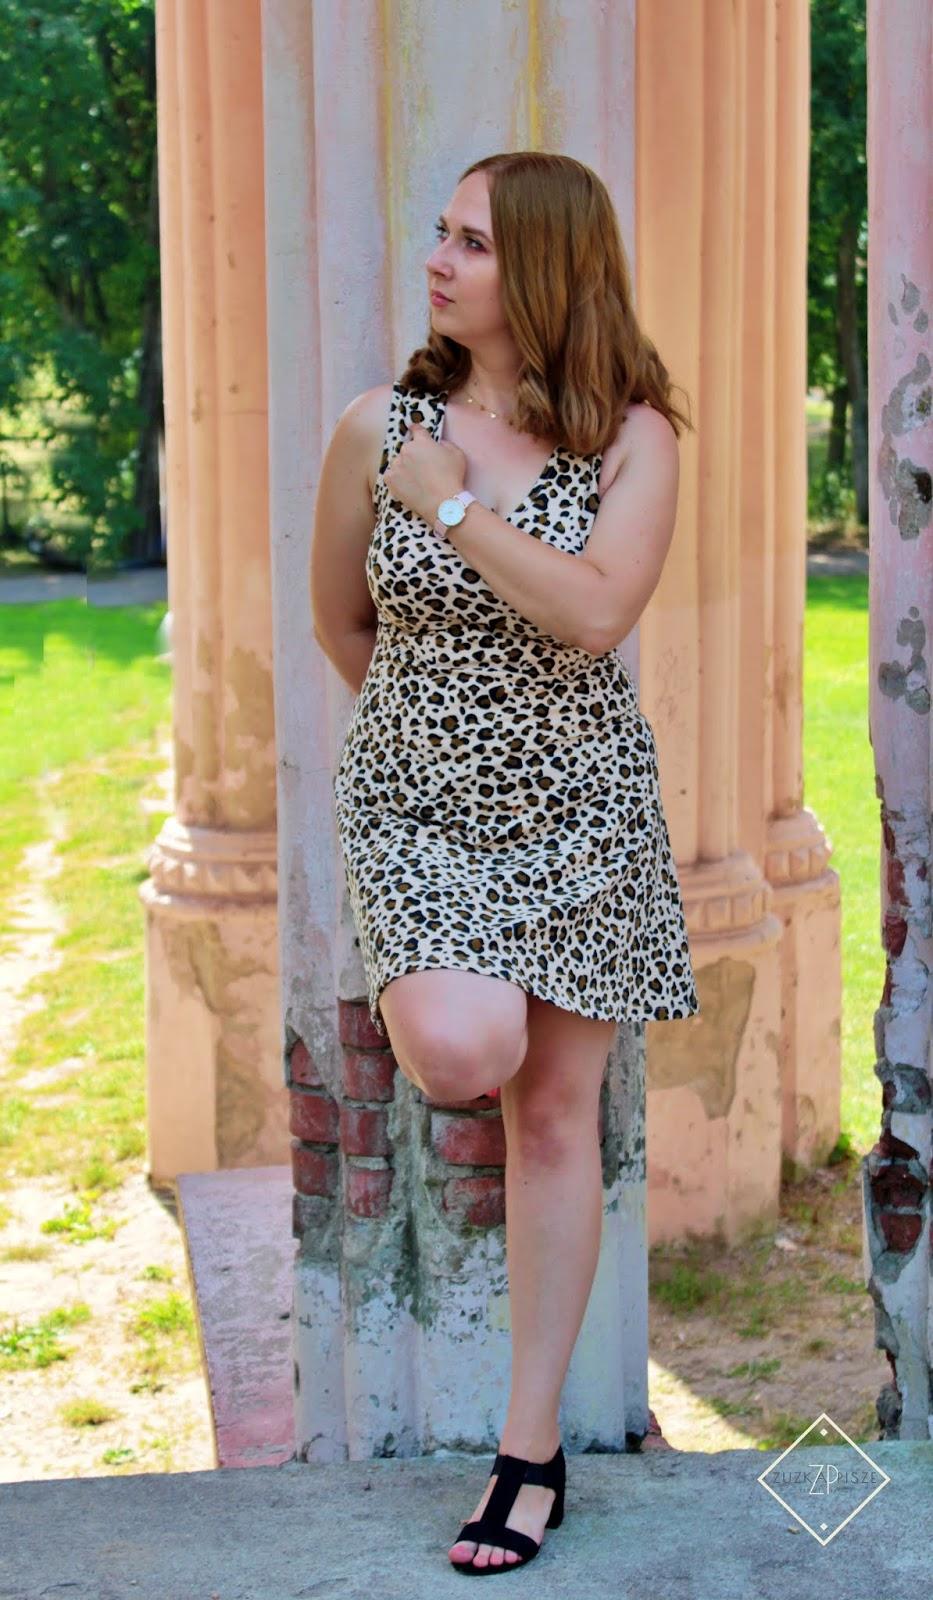 pałac paca w dowspudzie, bonprix sukienka w panterkę